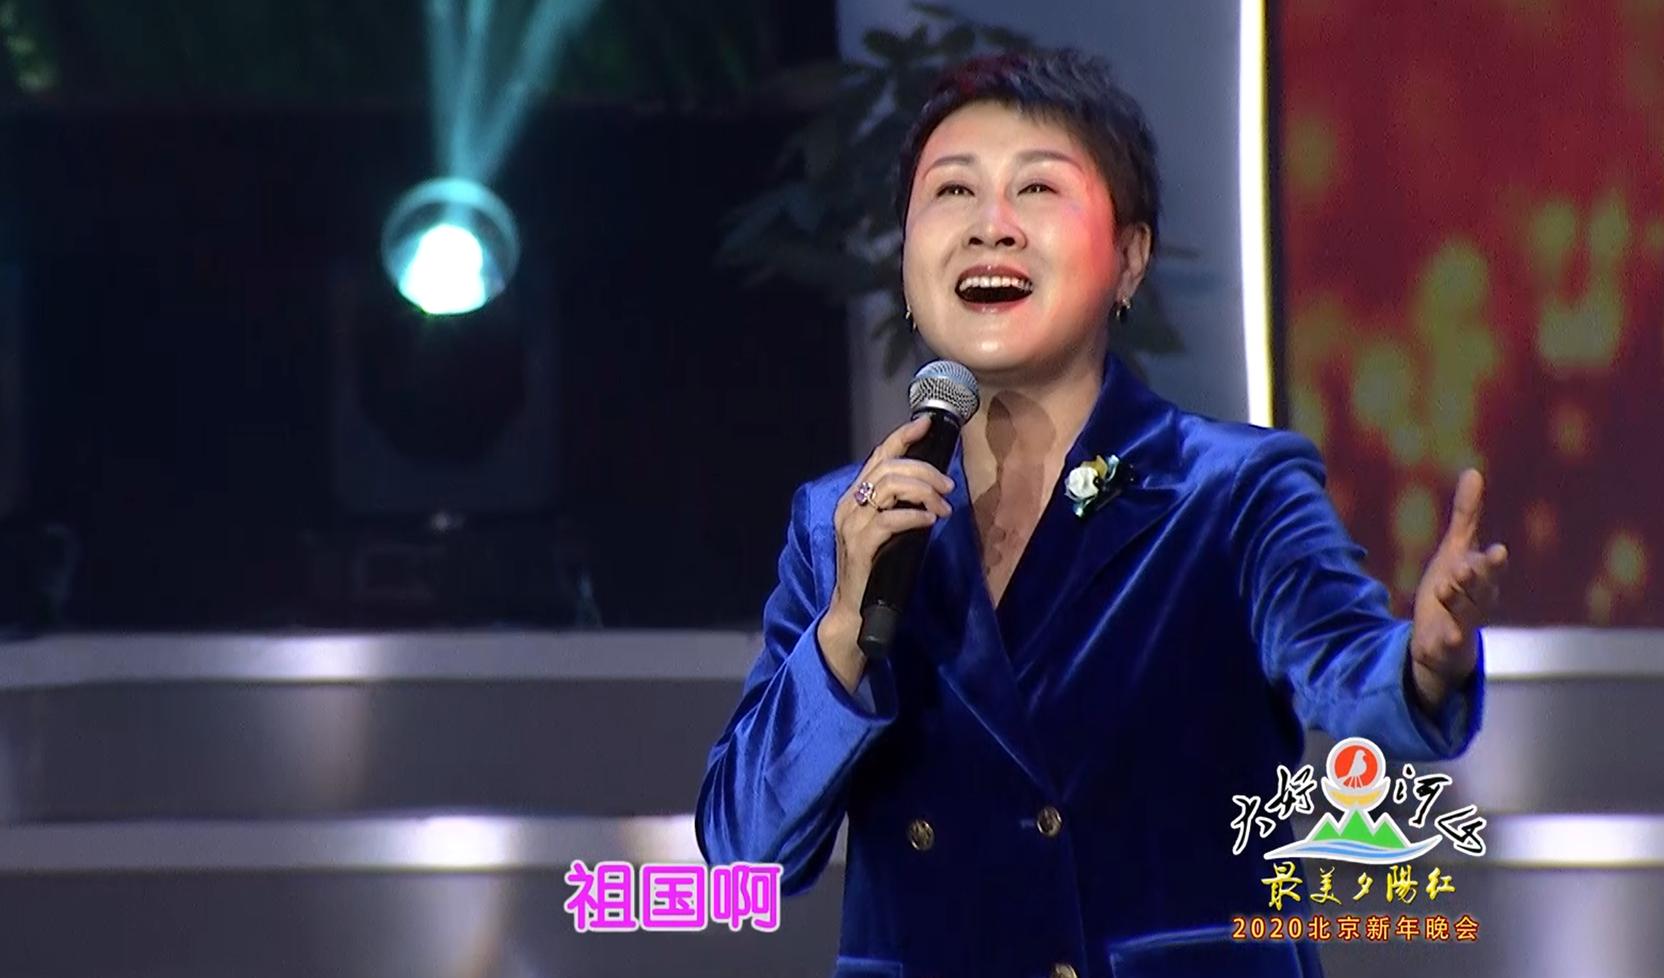 """大好河山2020北京""""最美夕阳红""""新年晚会 诗朗诵《祖国啊,我亲爱的祖国》张凯丽"""